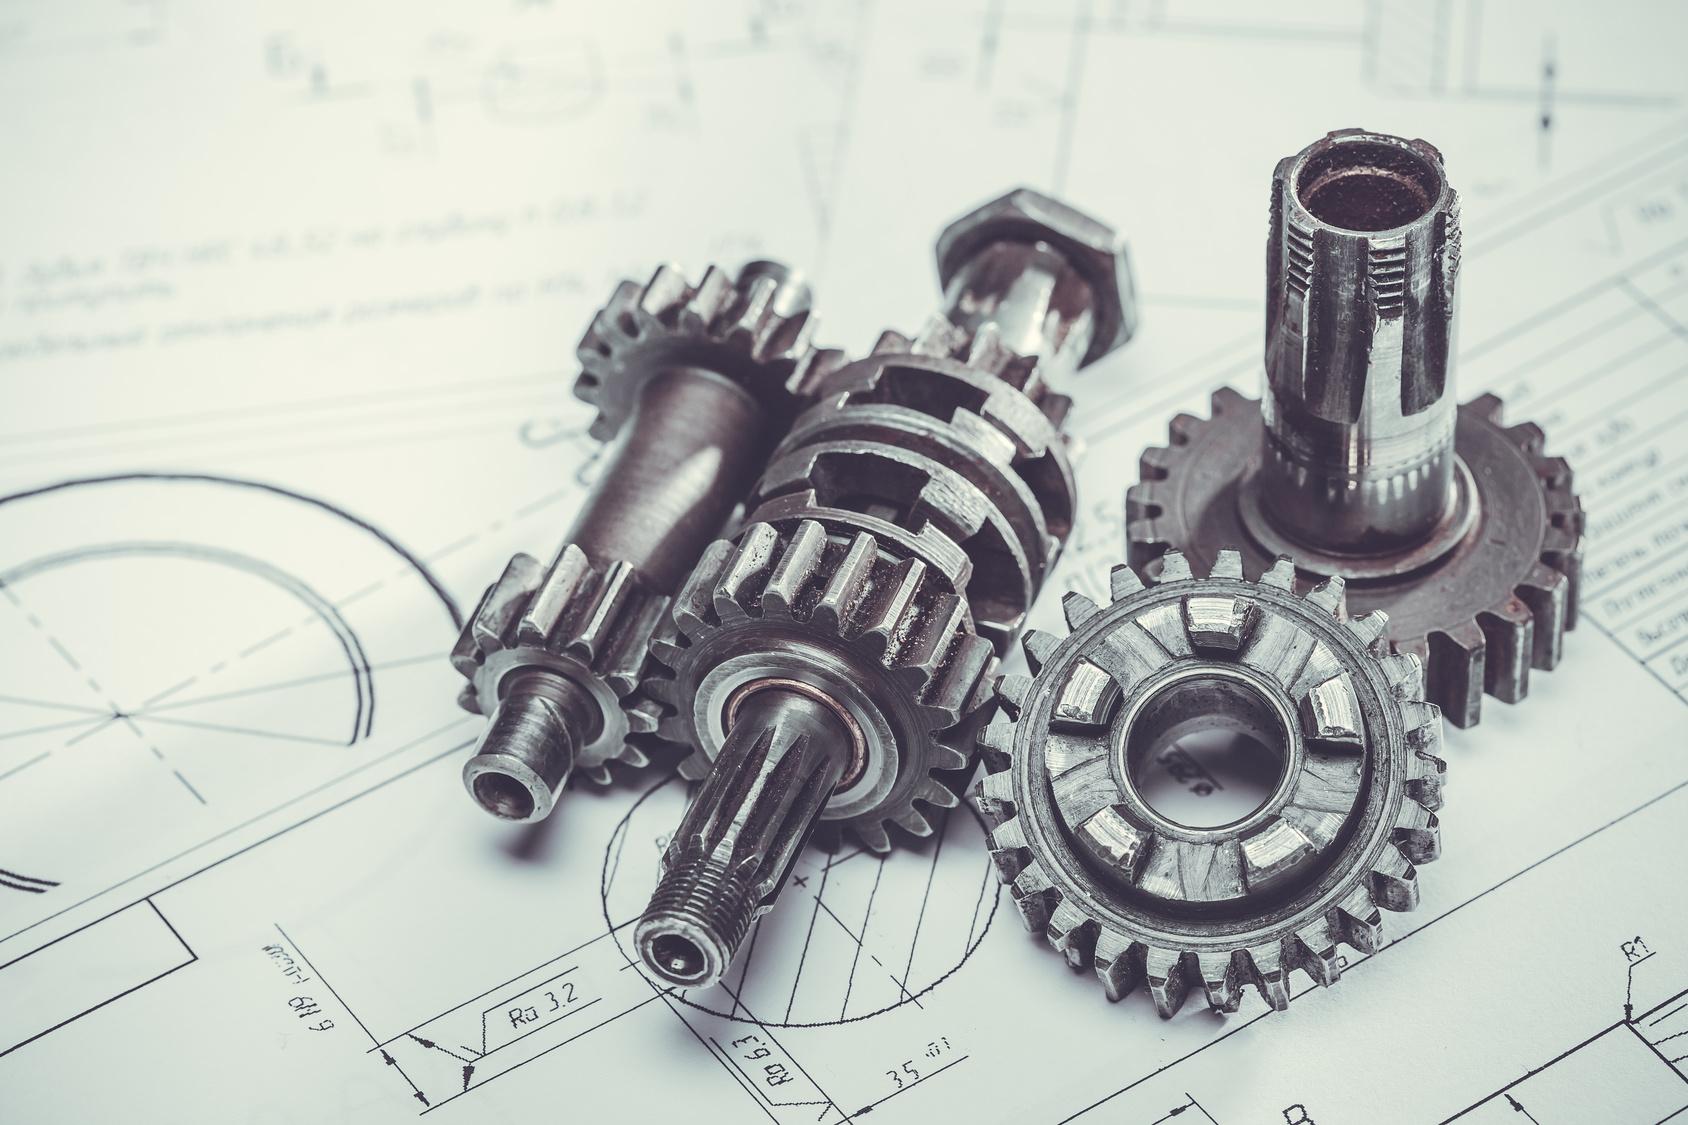 metal gears on the engineering drawings